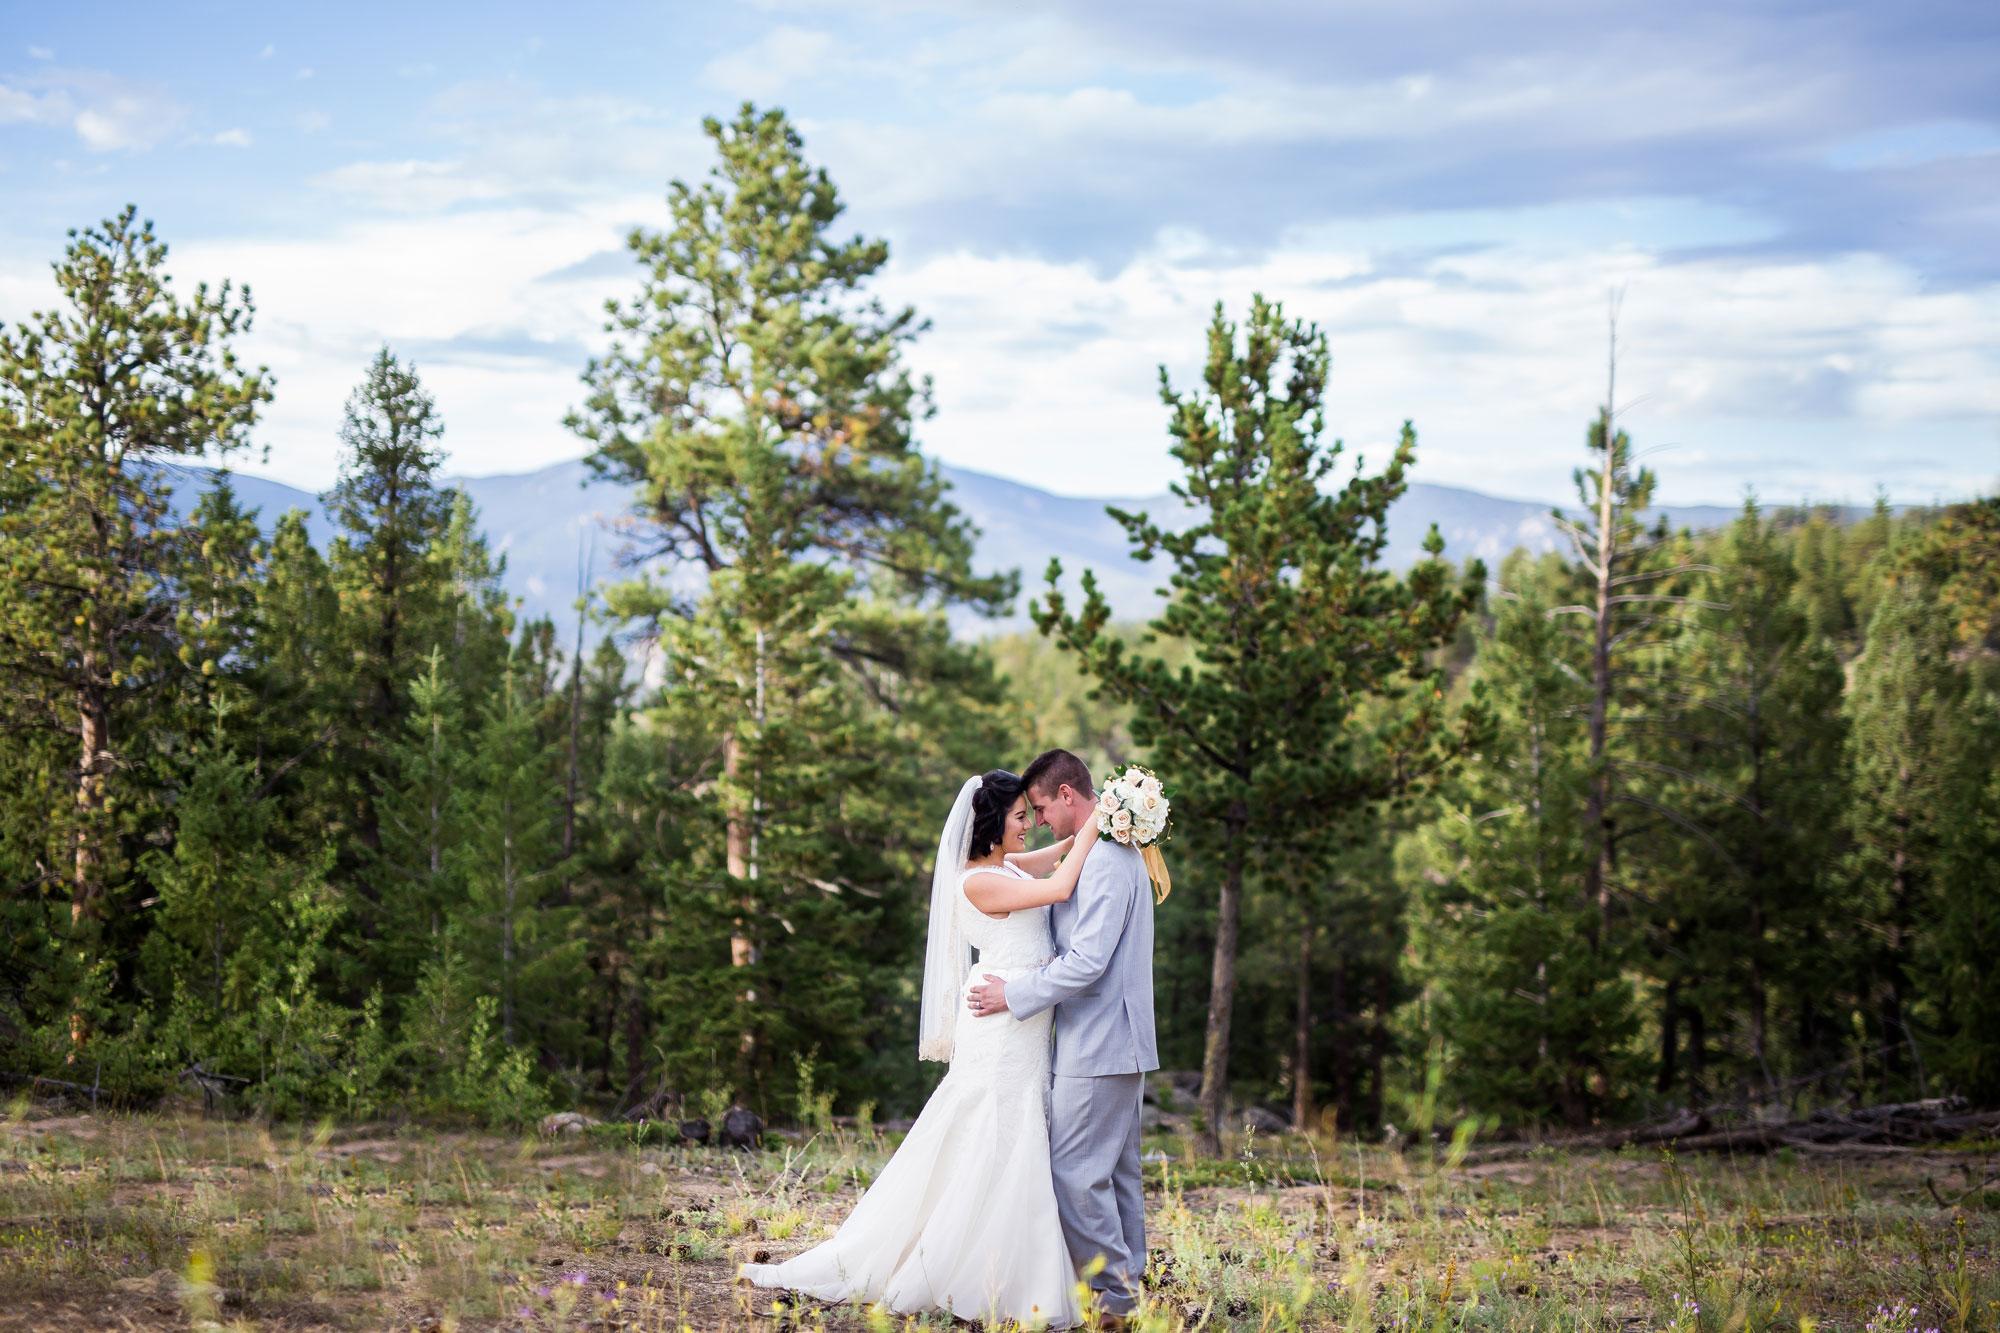 An Intimate Mountain Wedding in Estes Park